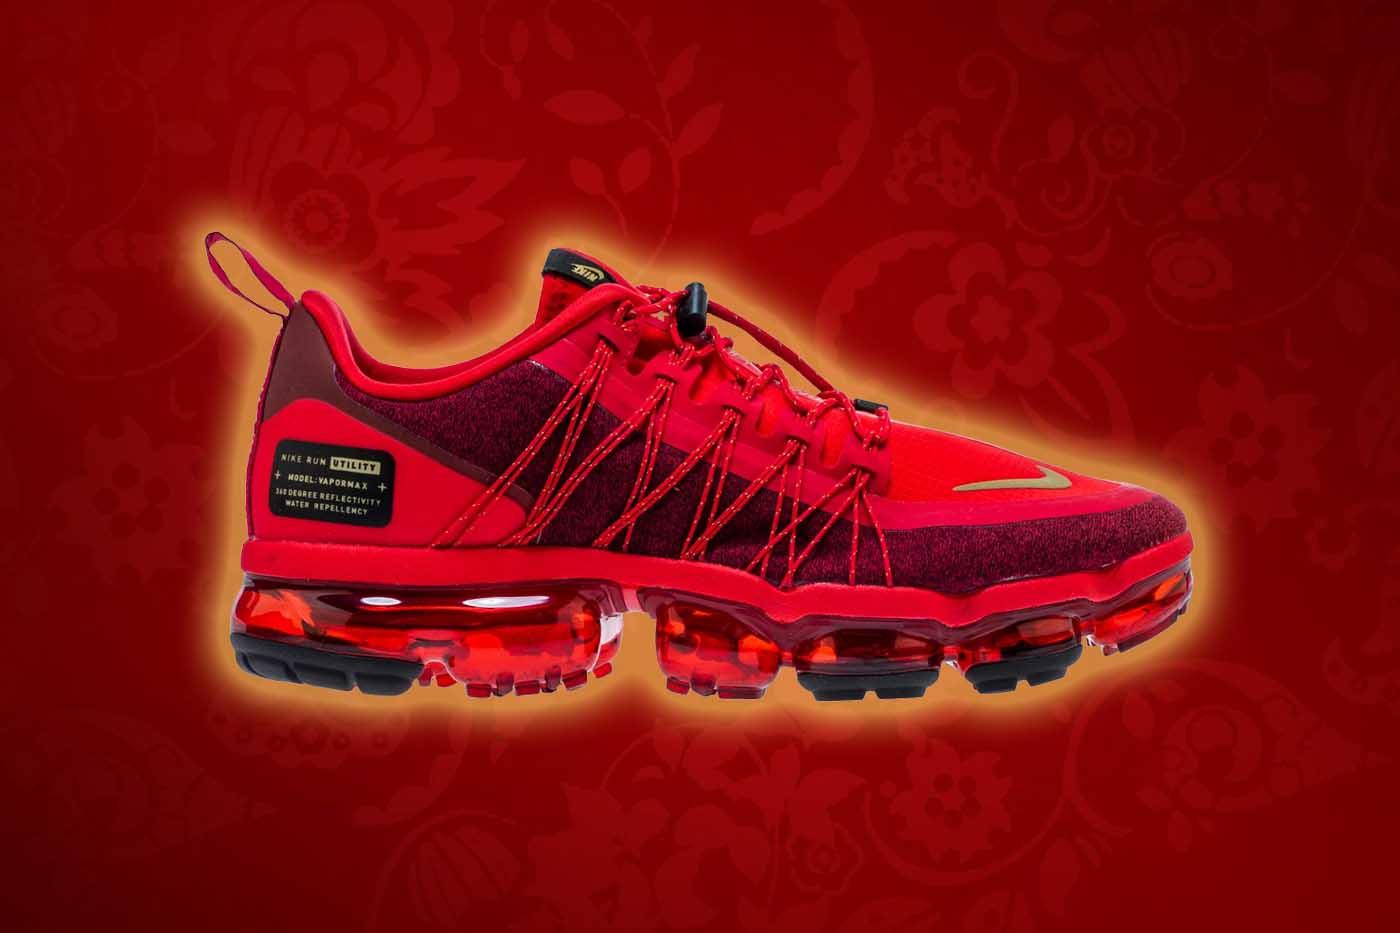 vapormax canyon red Cheap Nike Air Max